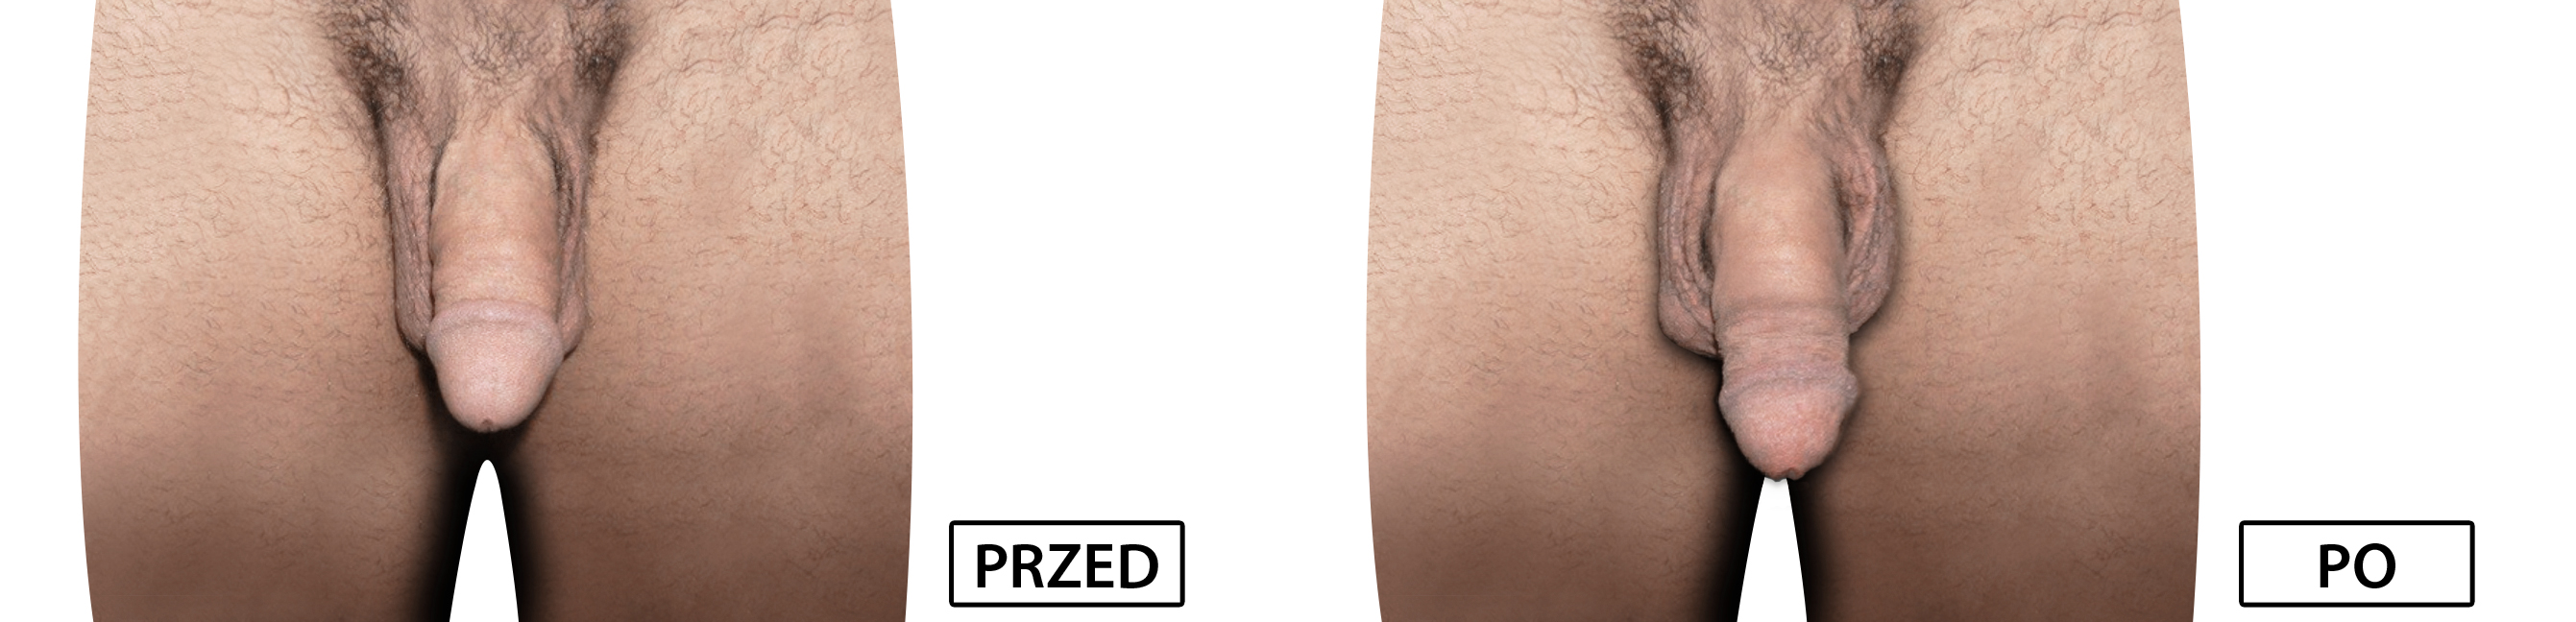 męski penis przed i po)